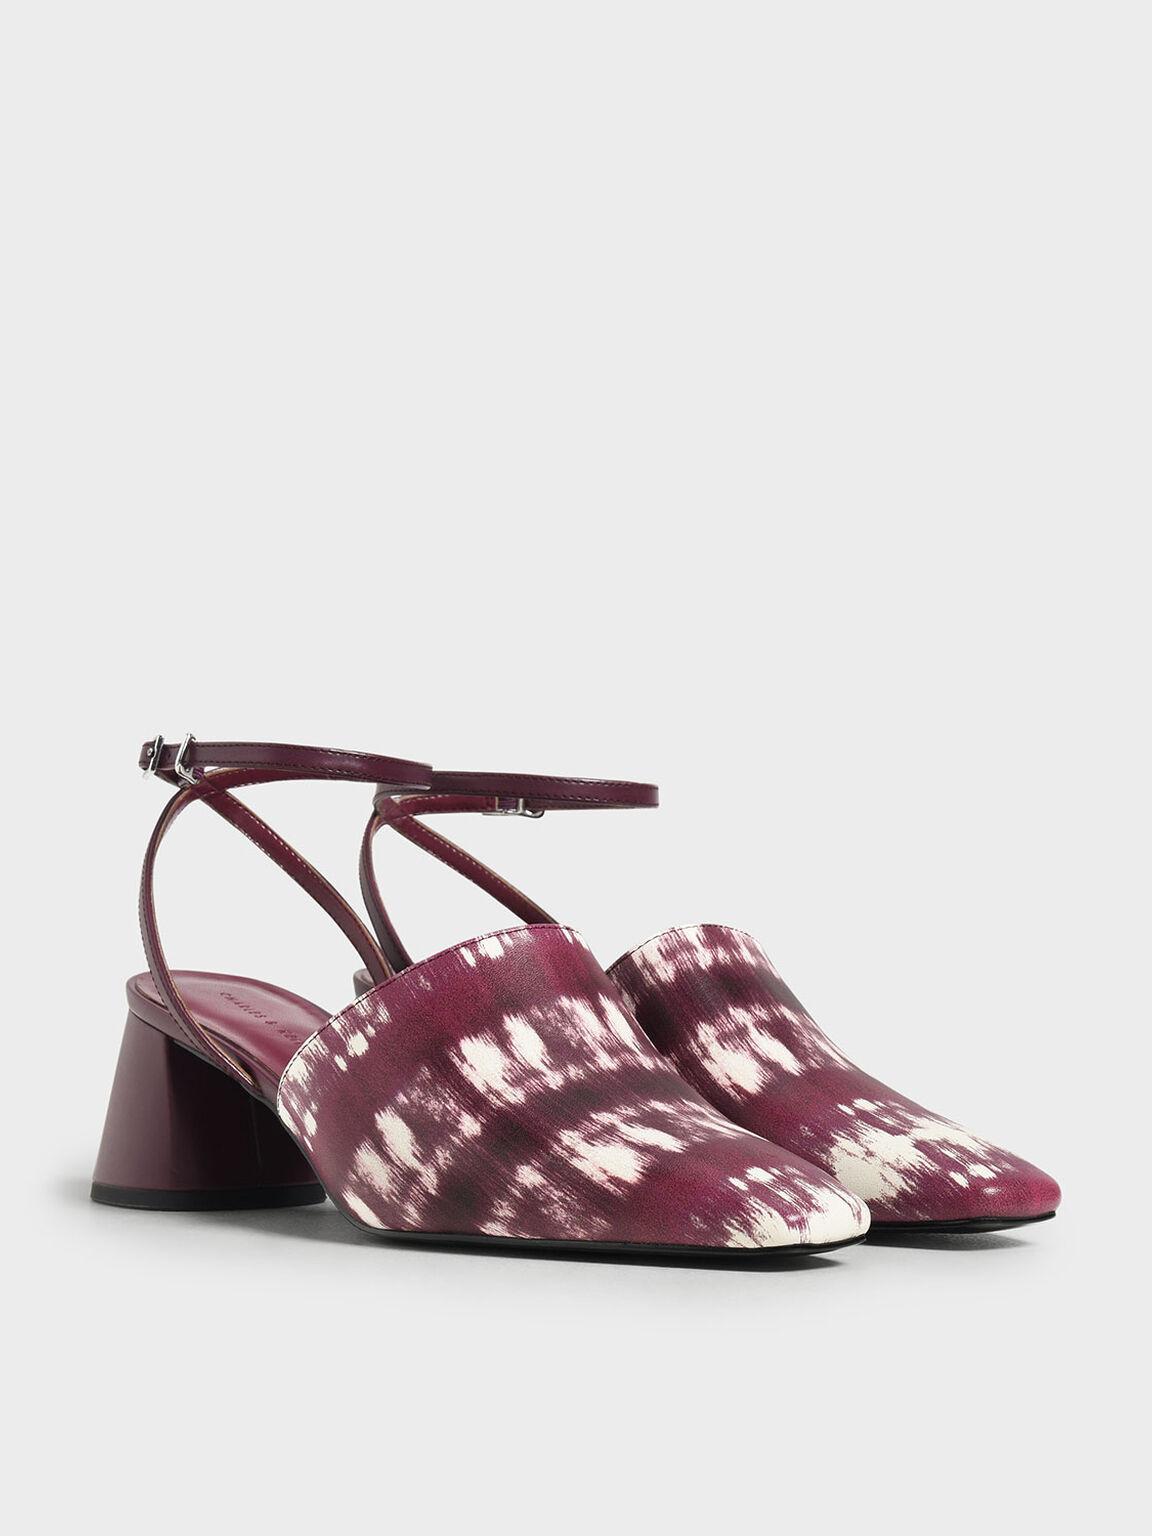 Closed Toe Block Heel Printed Sandals, Burgundy, hi-res